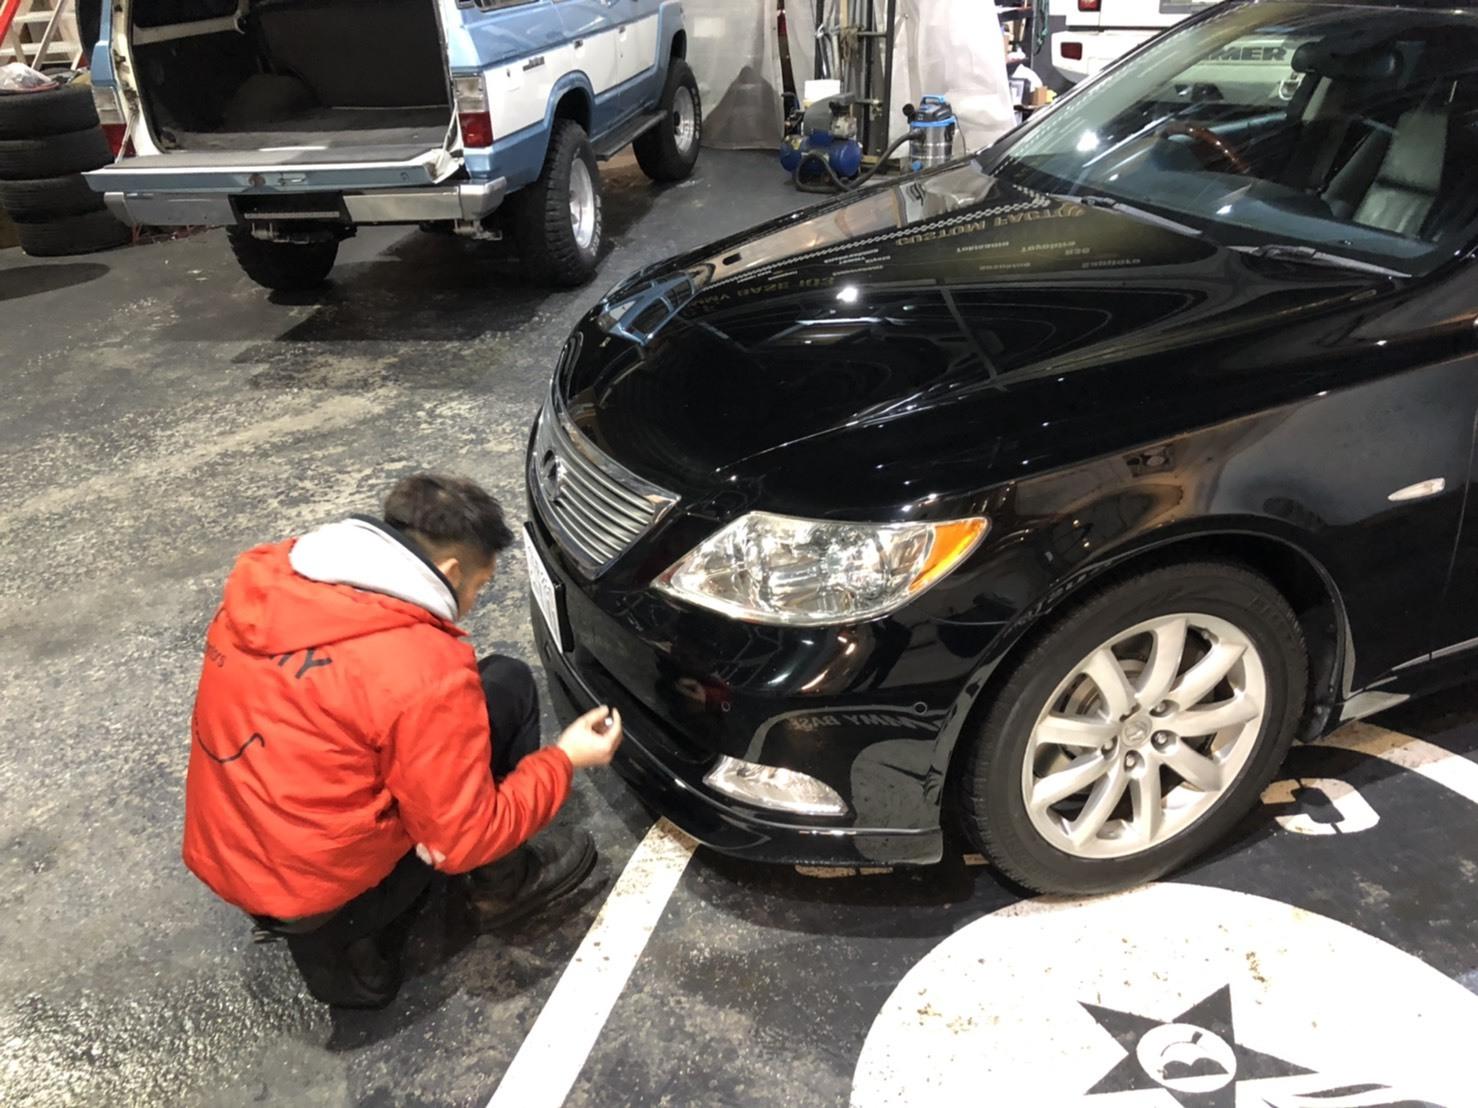 12月17日(火)トミーベースブログ☆レクサス♬LS460🎶LS600🎶フーガ♬スバル☆フォレスター☆レガシィ☆限定車🎶自社ローン♬ローンサポート_b0127002_18470110.jpg